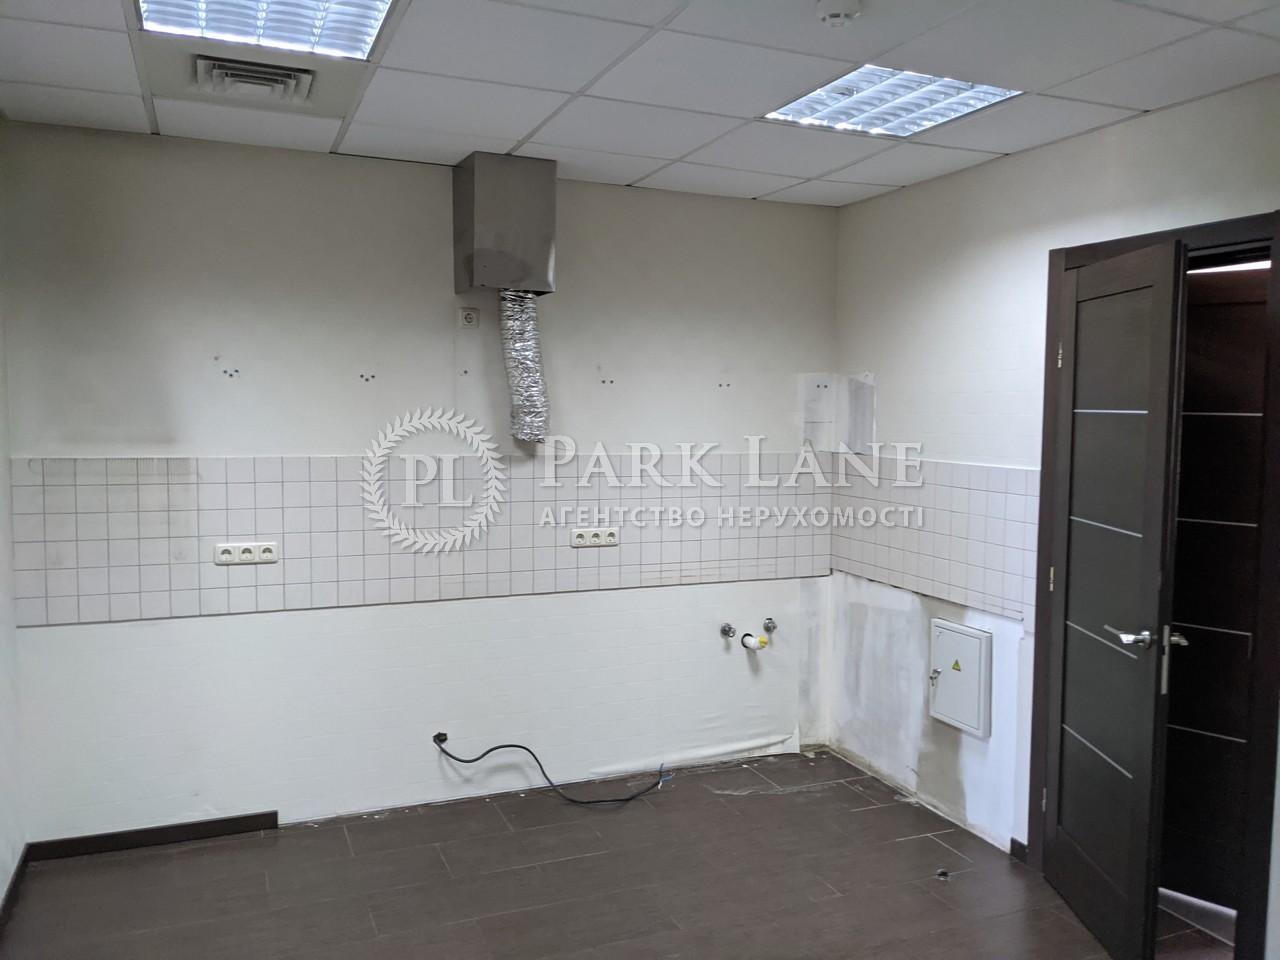 Нежилое помещение, ул. Ярославская, Киев, B-102676 - Фото 16